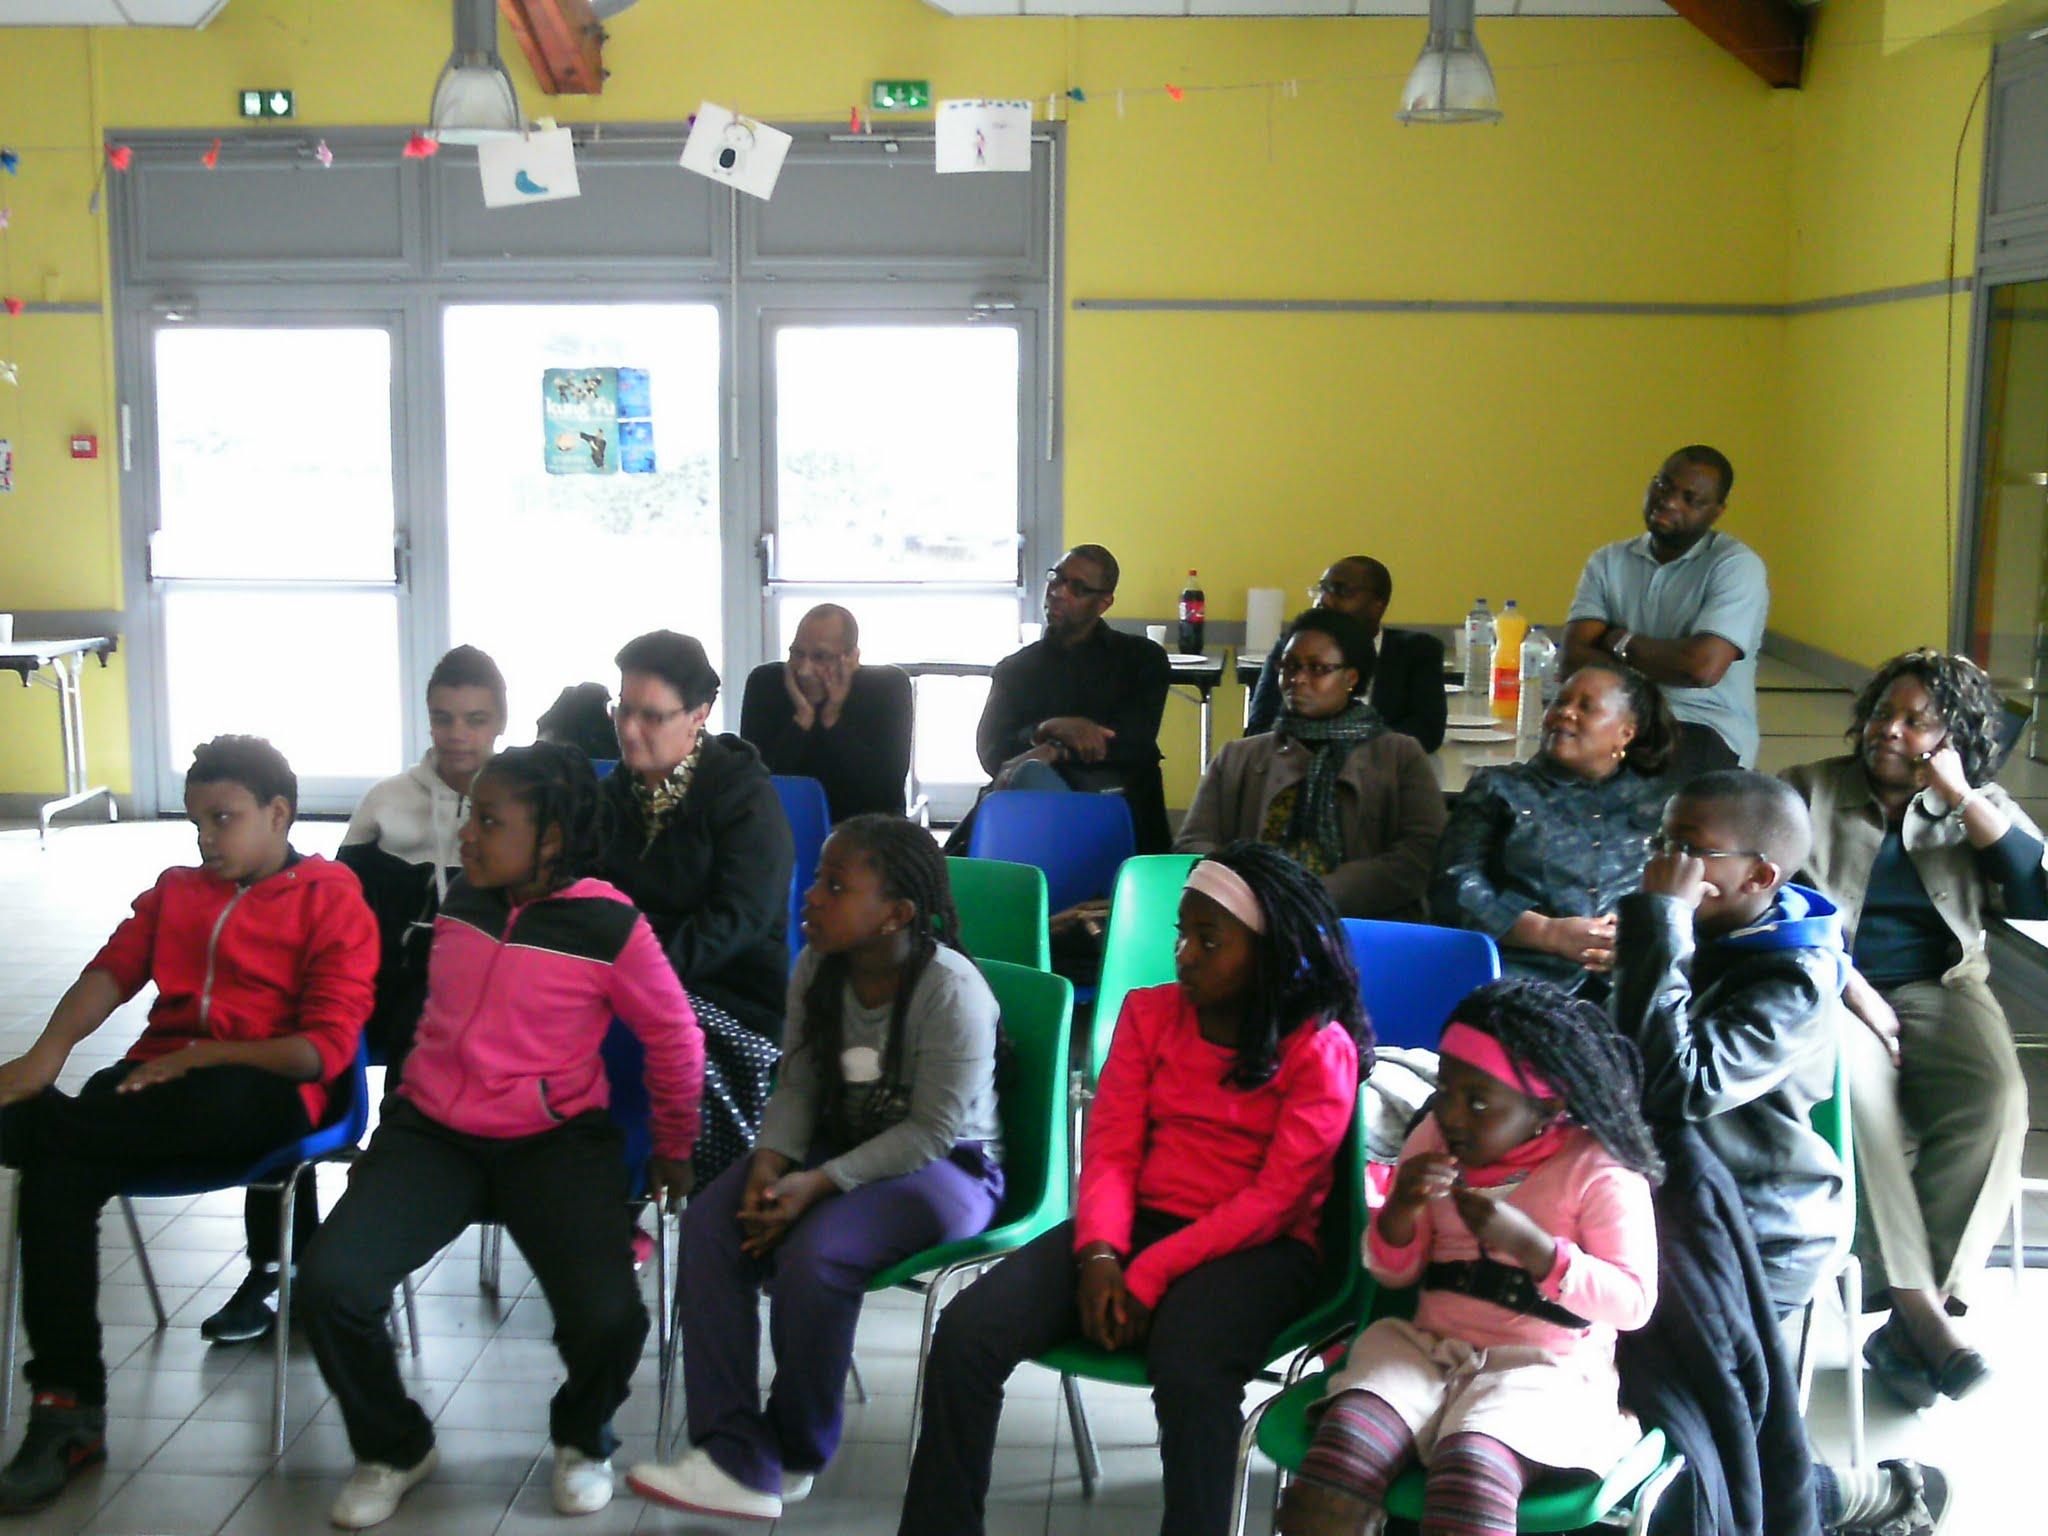 Séance d'éveil culturel pour les jeunes enfants